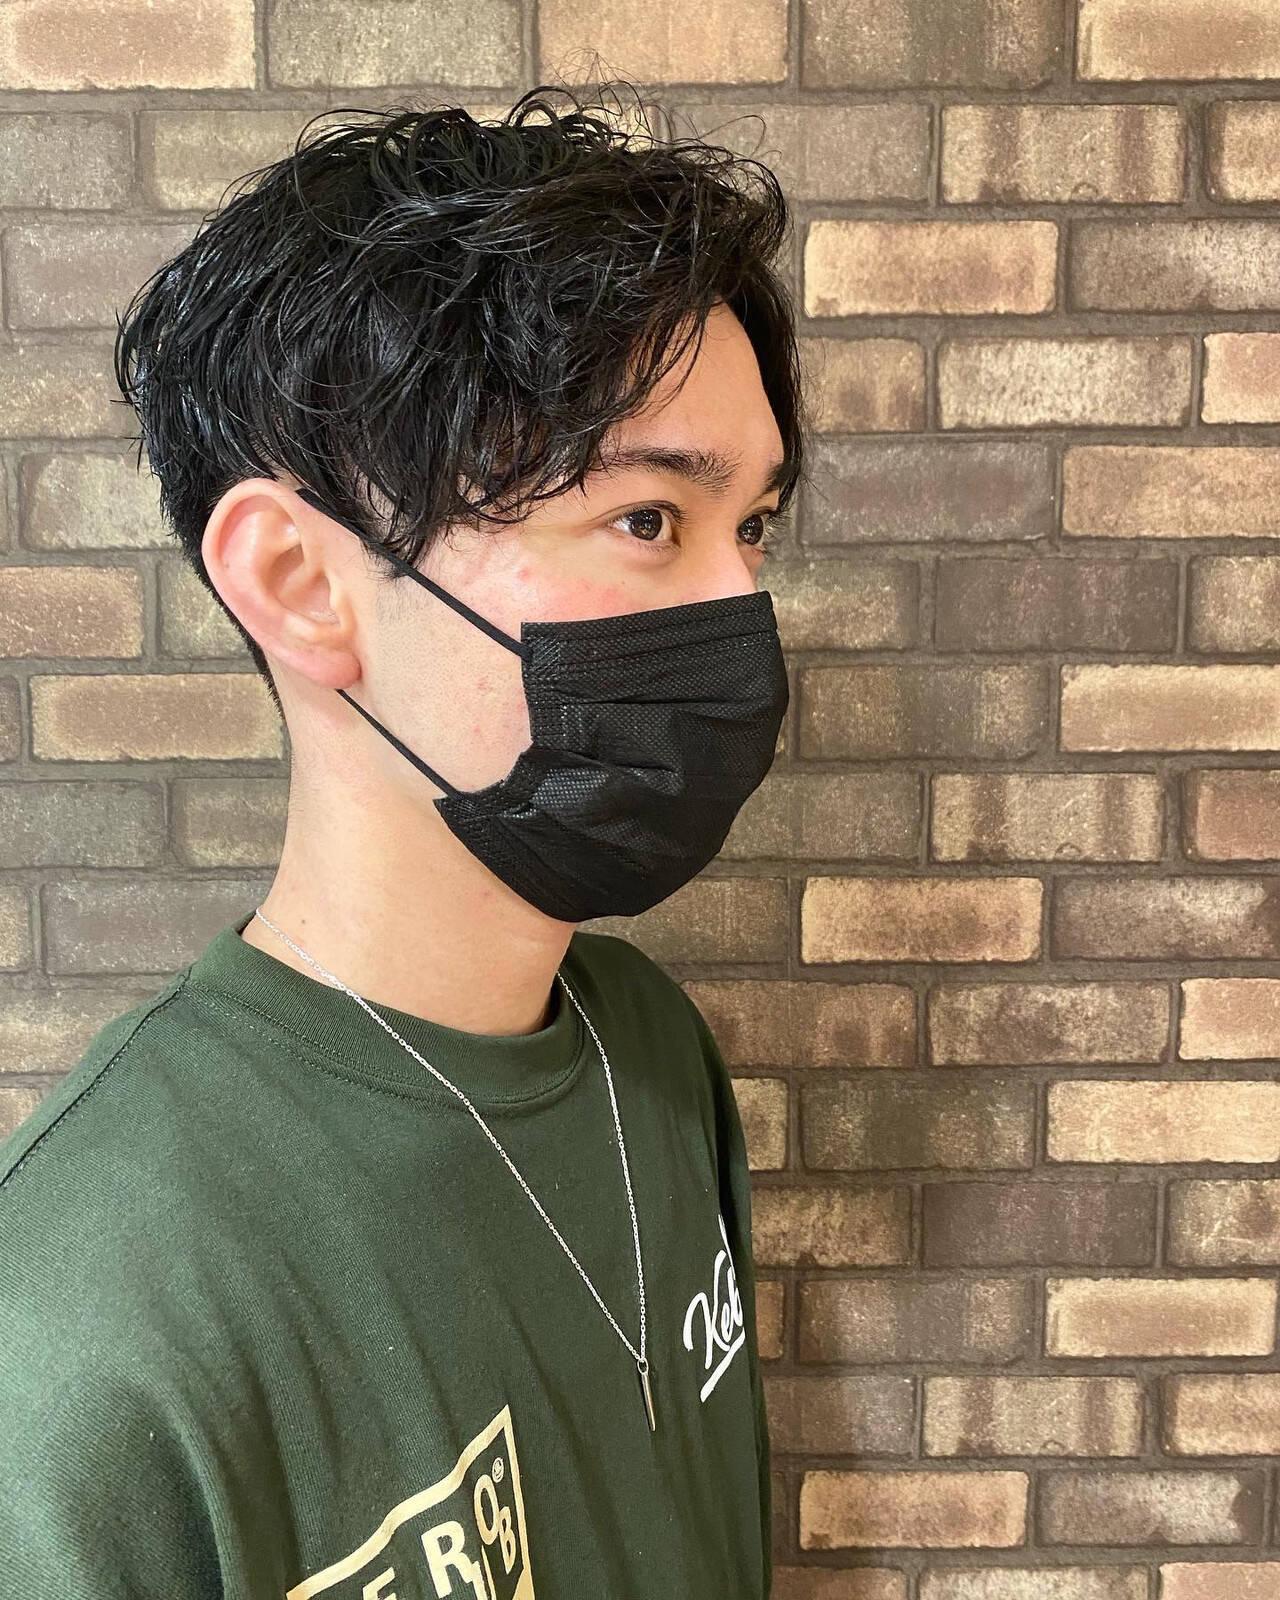 ナチュラル メンズカット 韓国風ヘアー メンズヘアヘアスタイルや髪型の写真・画像